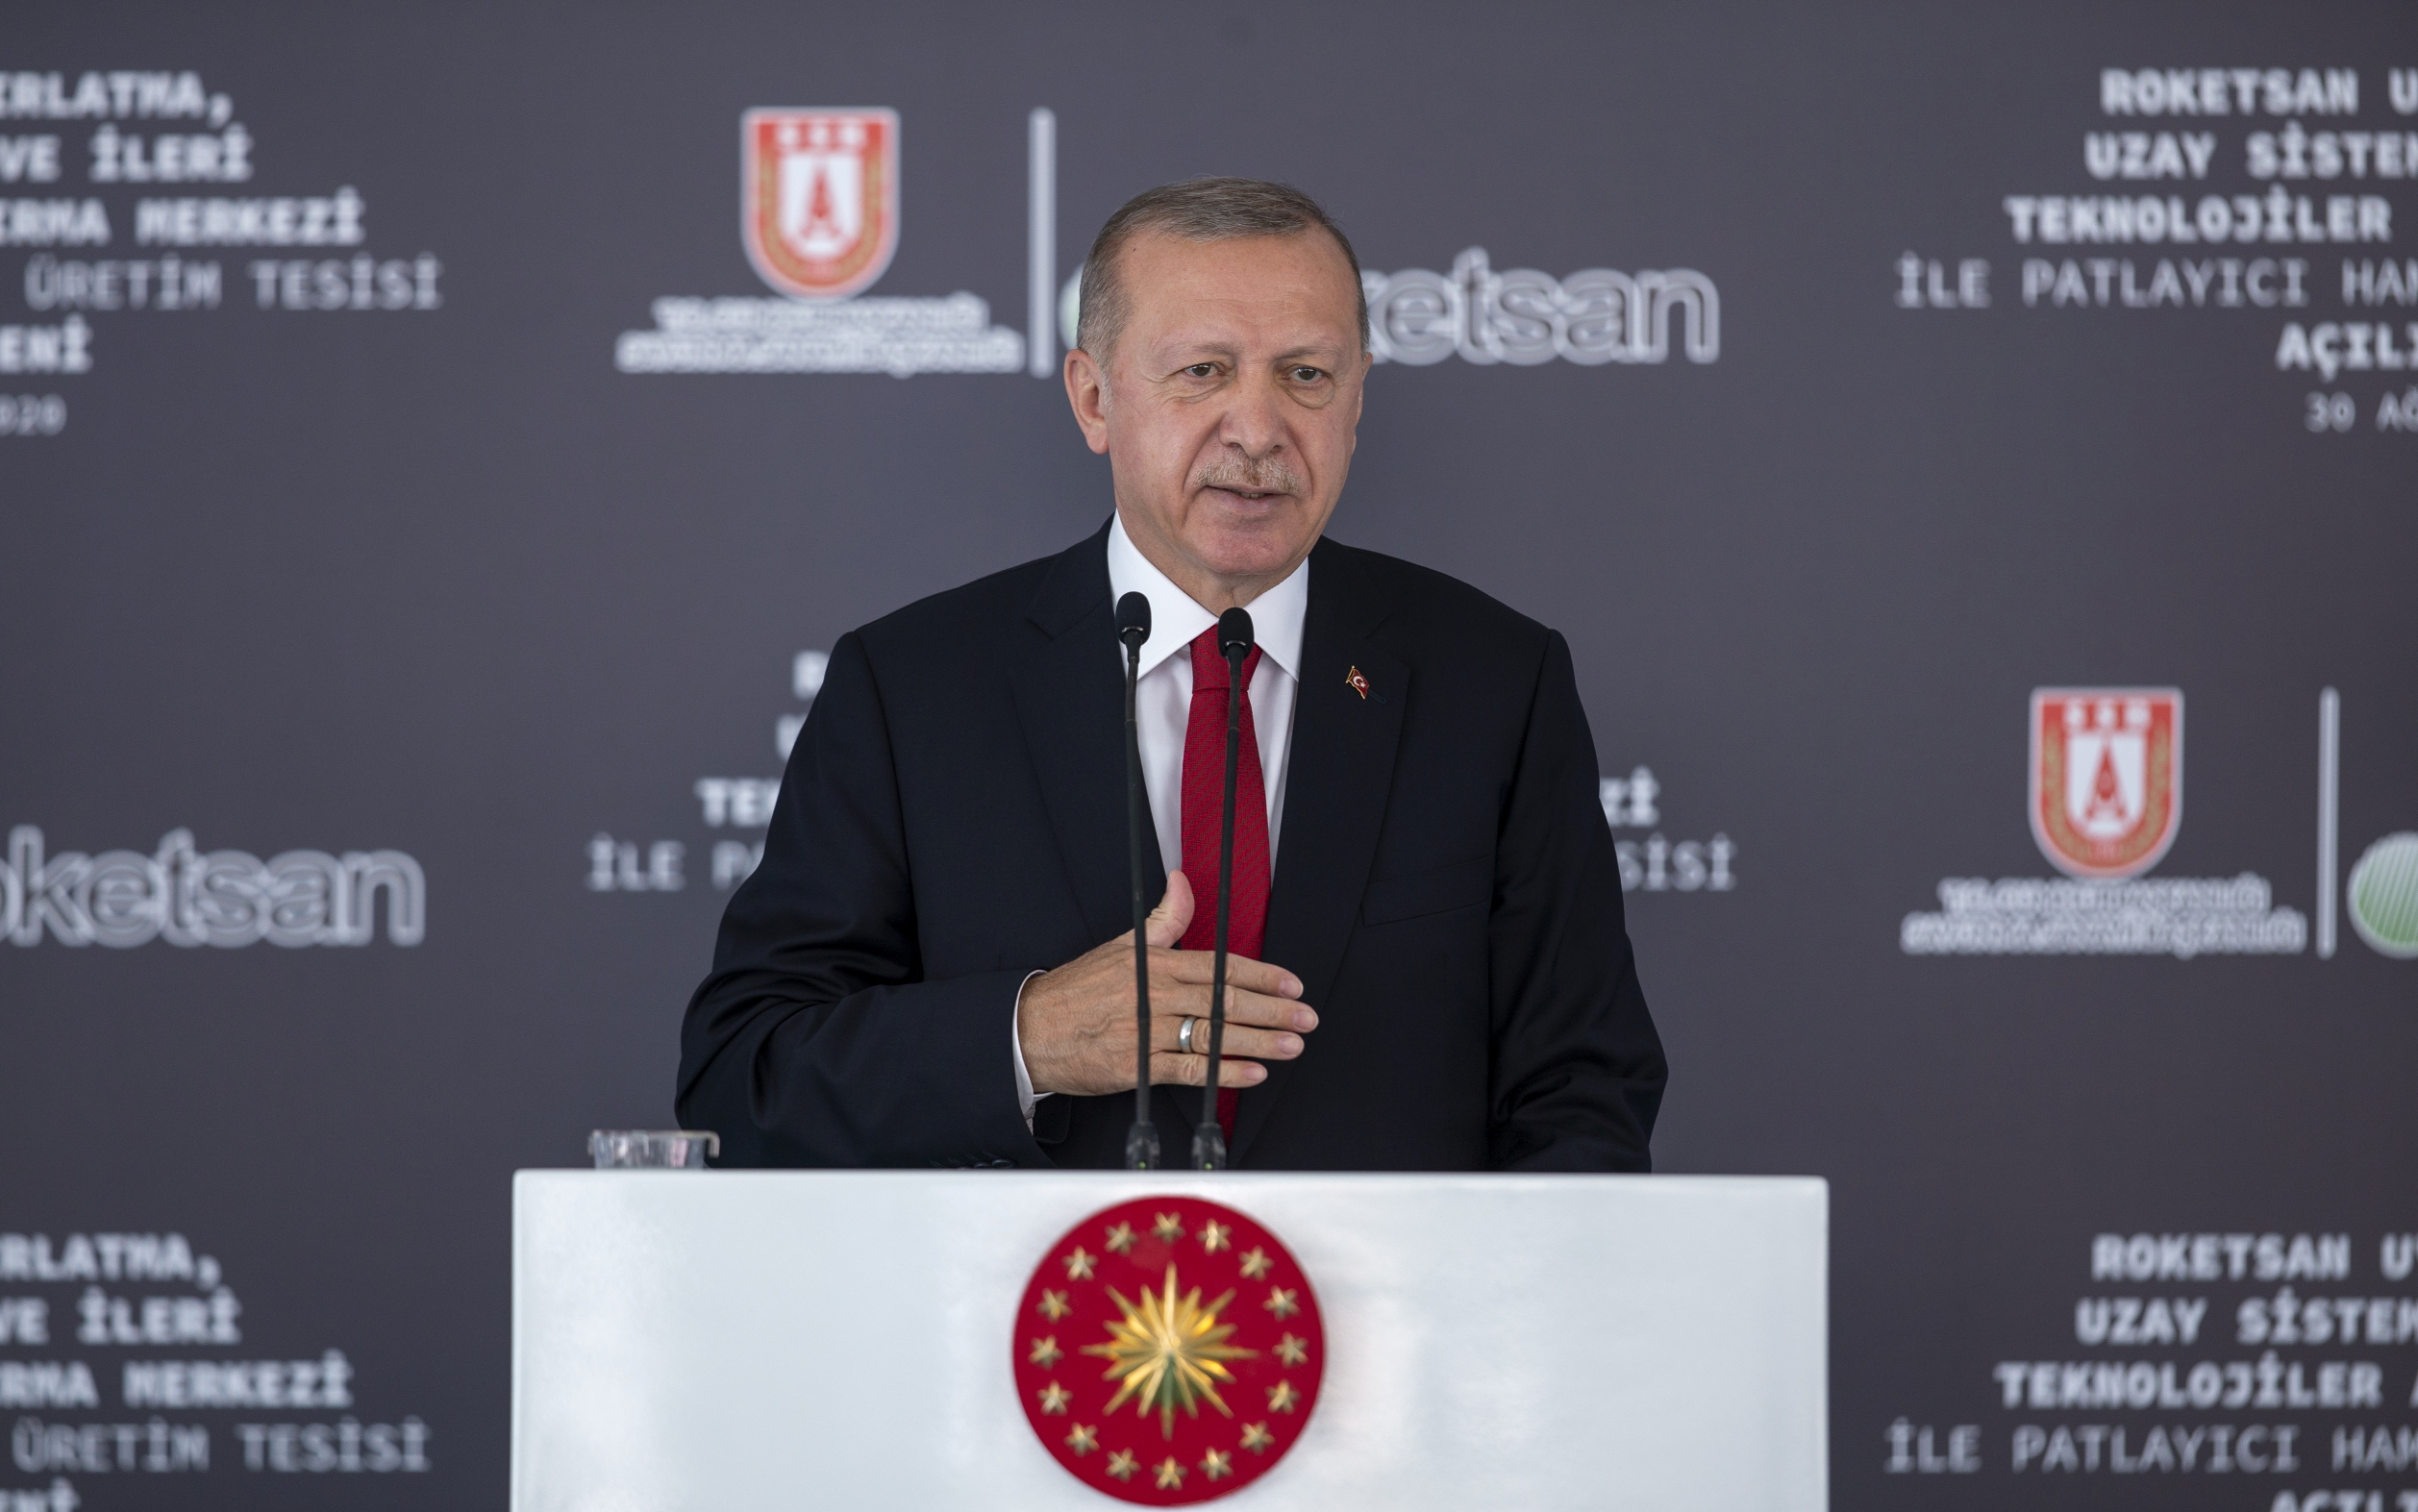 Cumhurbaşkanı Erdoğan: '2 bin 200 yılı aşkın devlet tarihimiz en büyük gurur ve güven kaynağımızdır.'